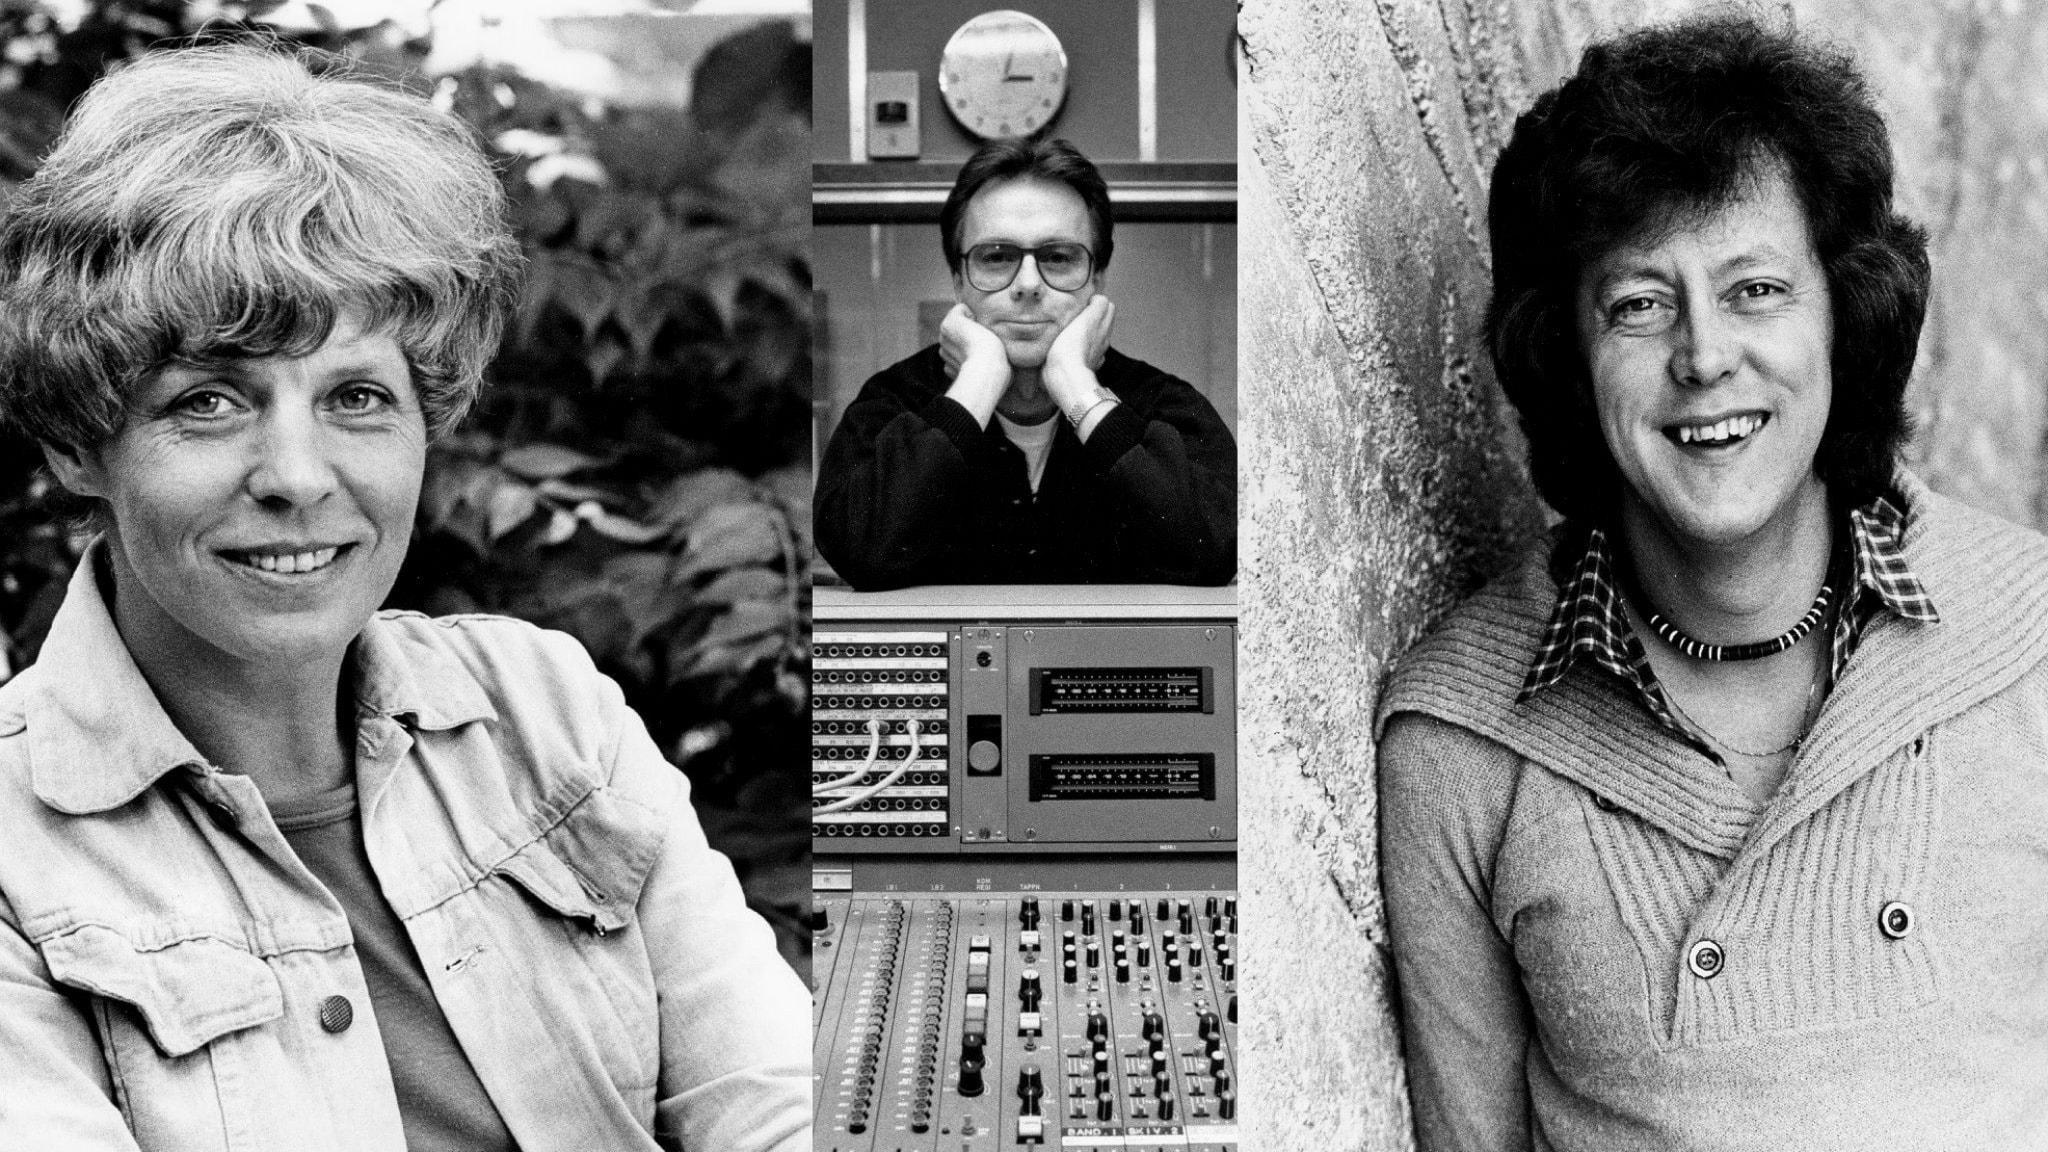 Hör stjärntrion presentera populäraste hitsen i skarven 1976/1977 i Månadens Melodier!